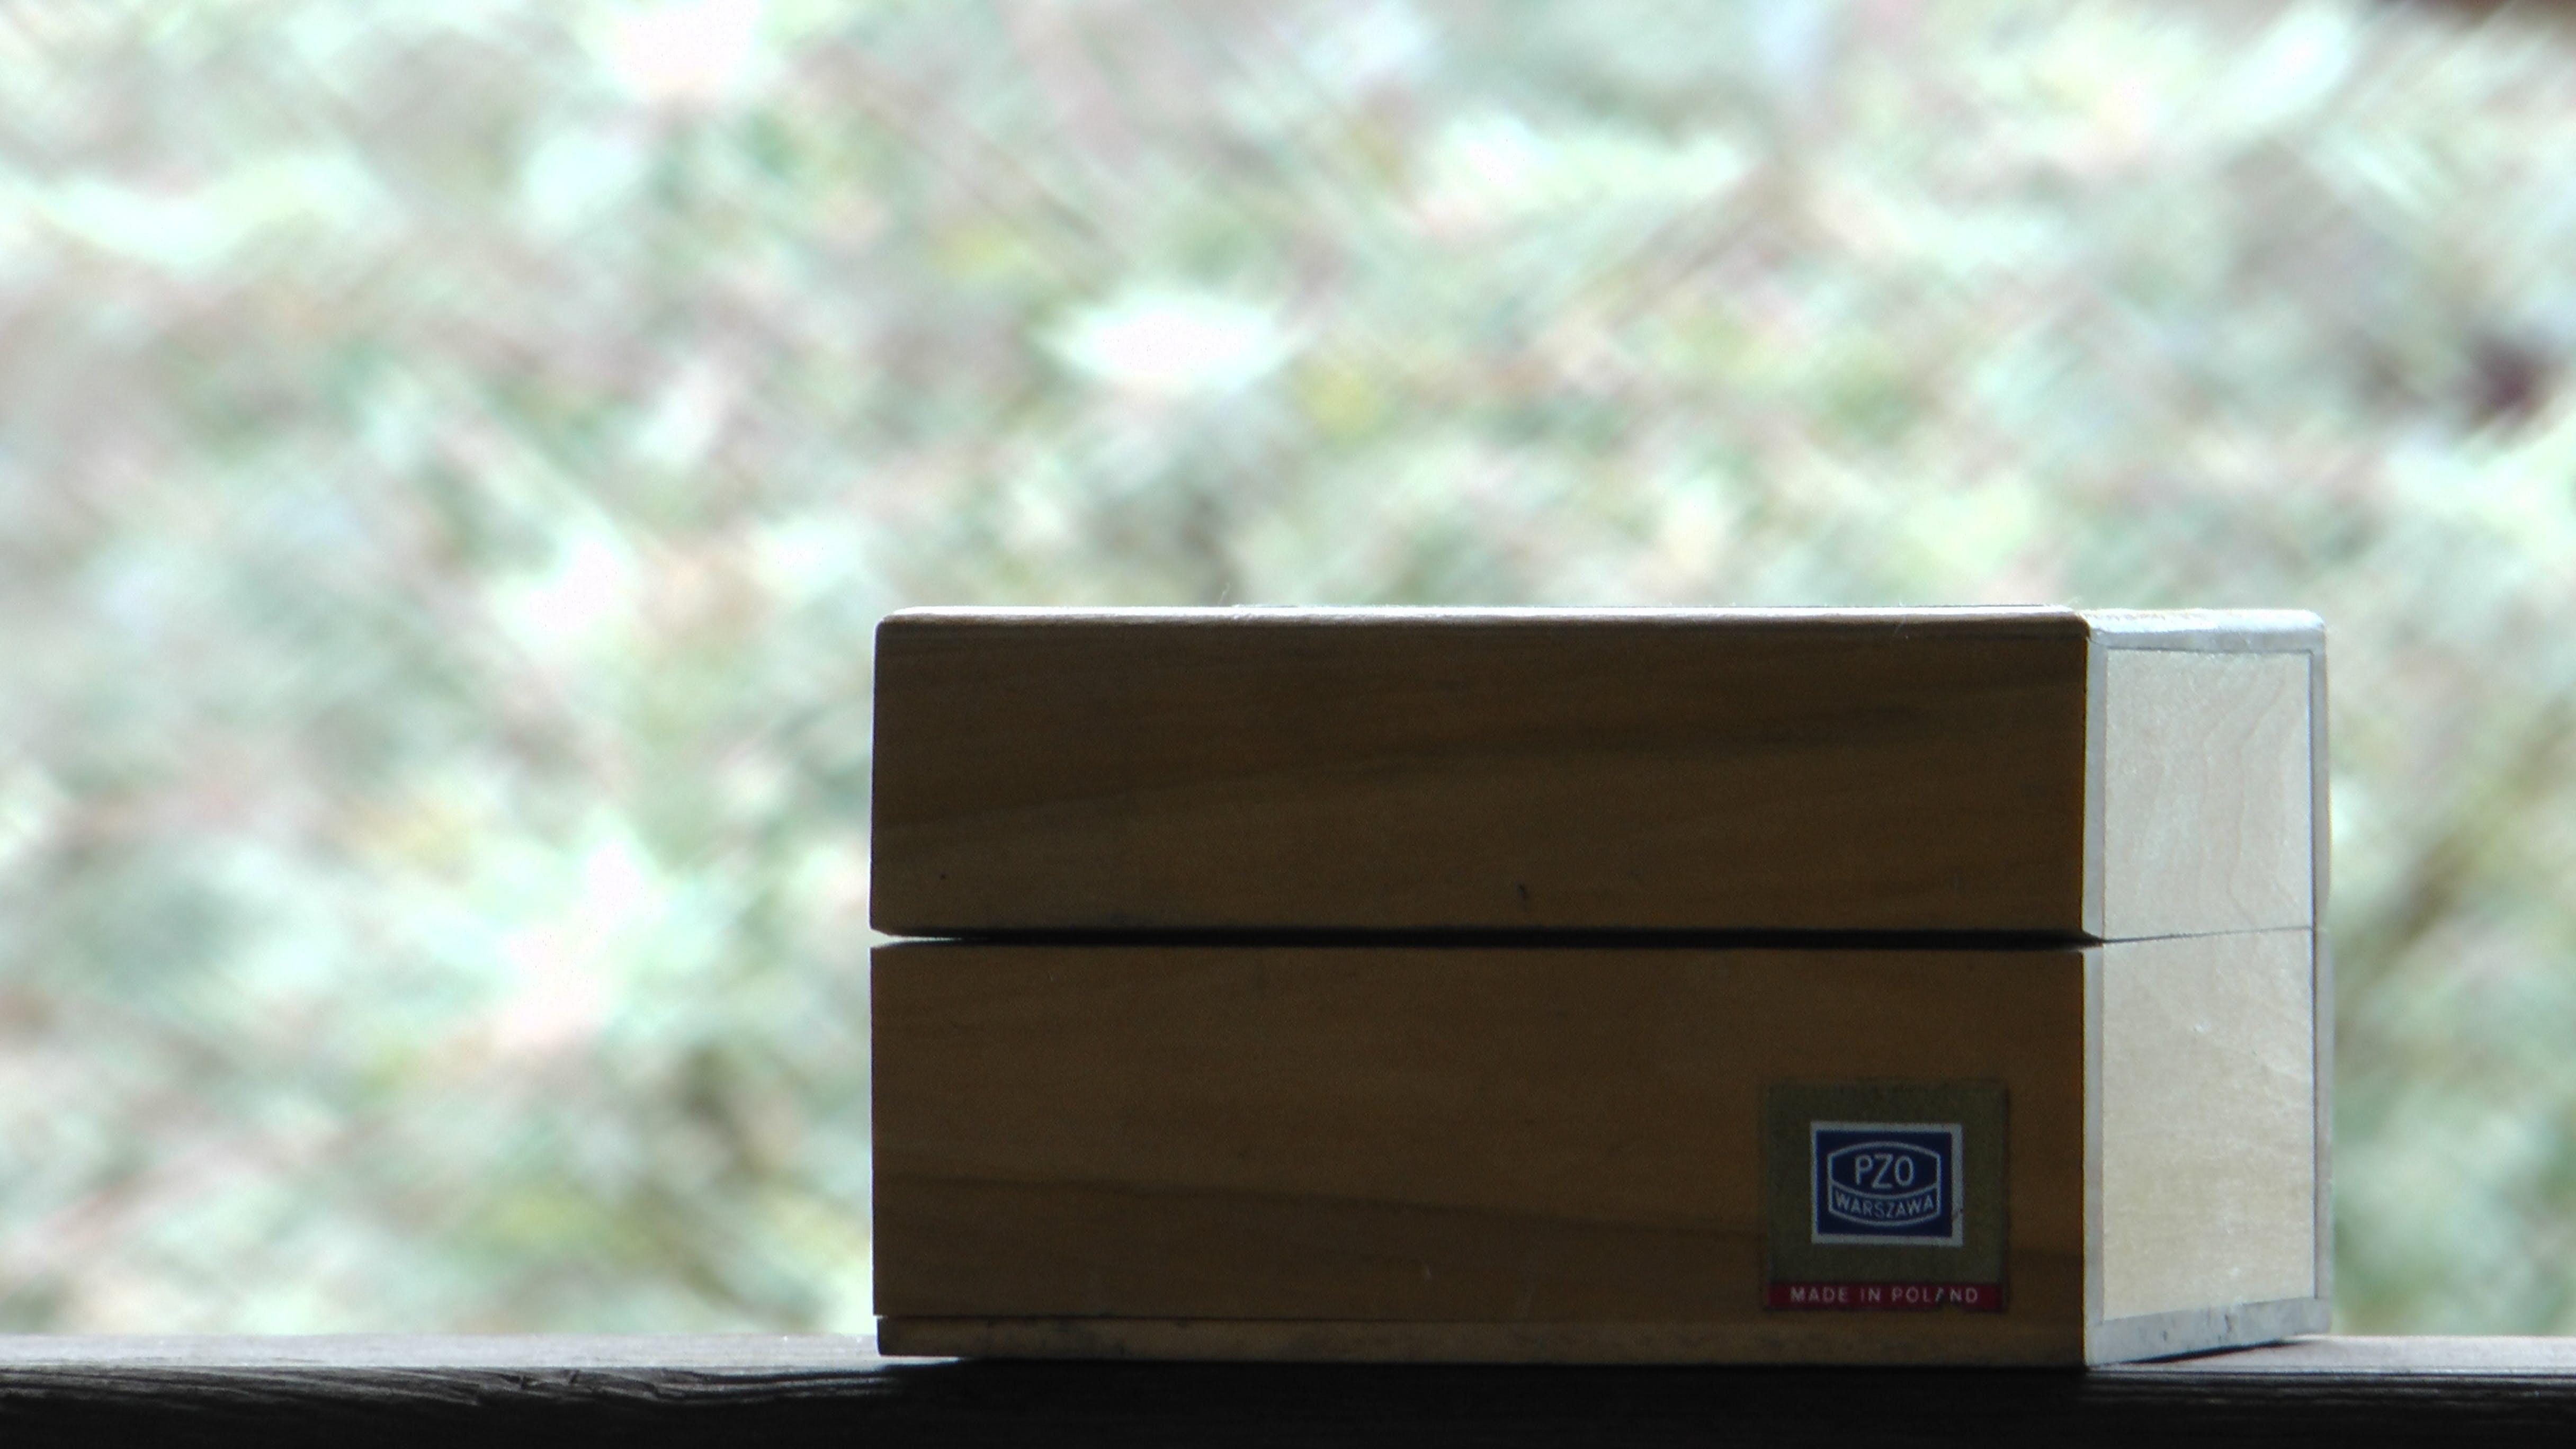 Free stock photo of étui, dutch angle, JANPOL, janpol color